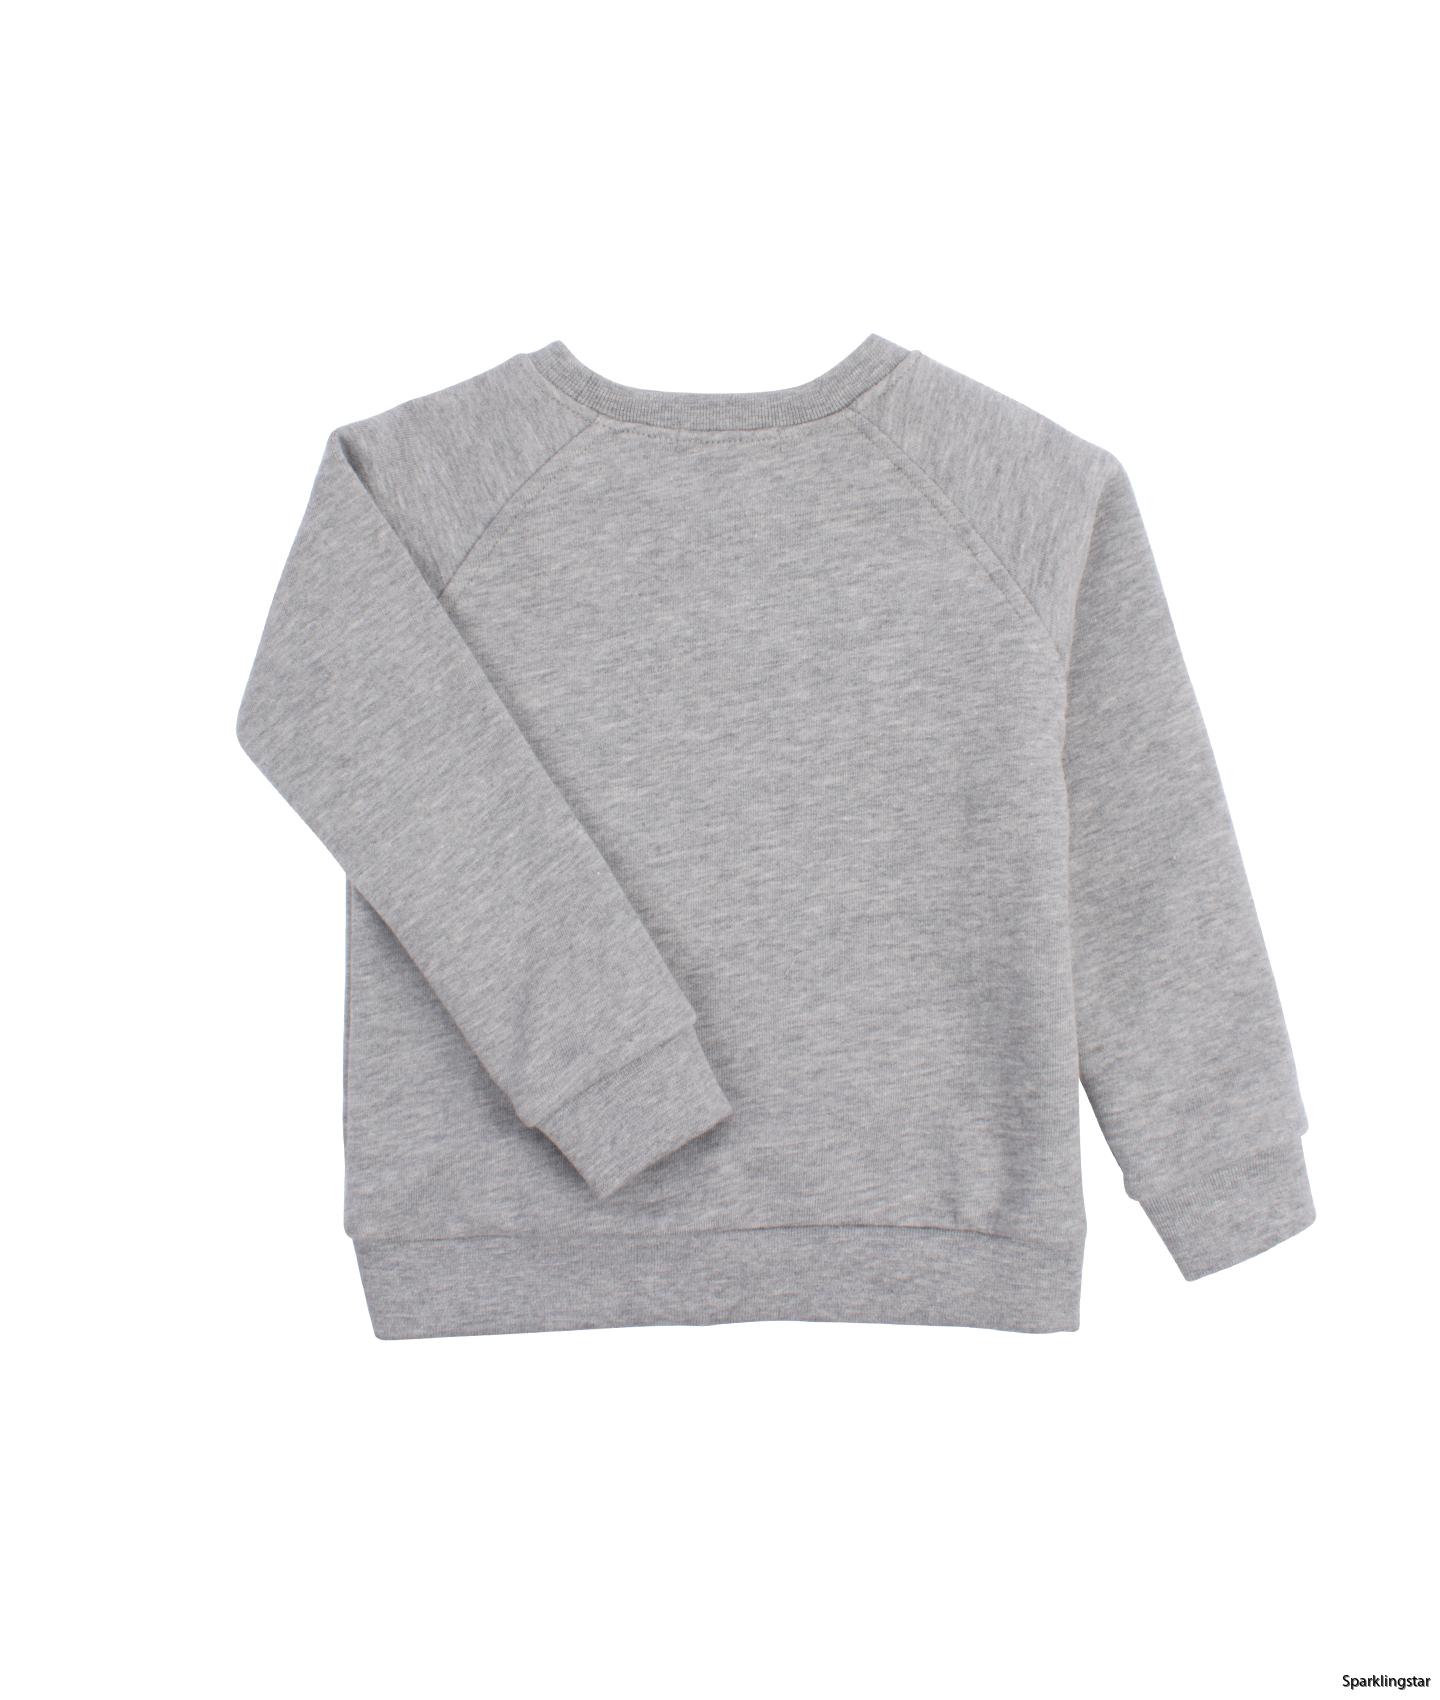 Livly Sweatshirt Work Like A Captain